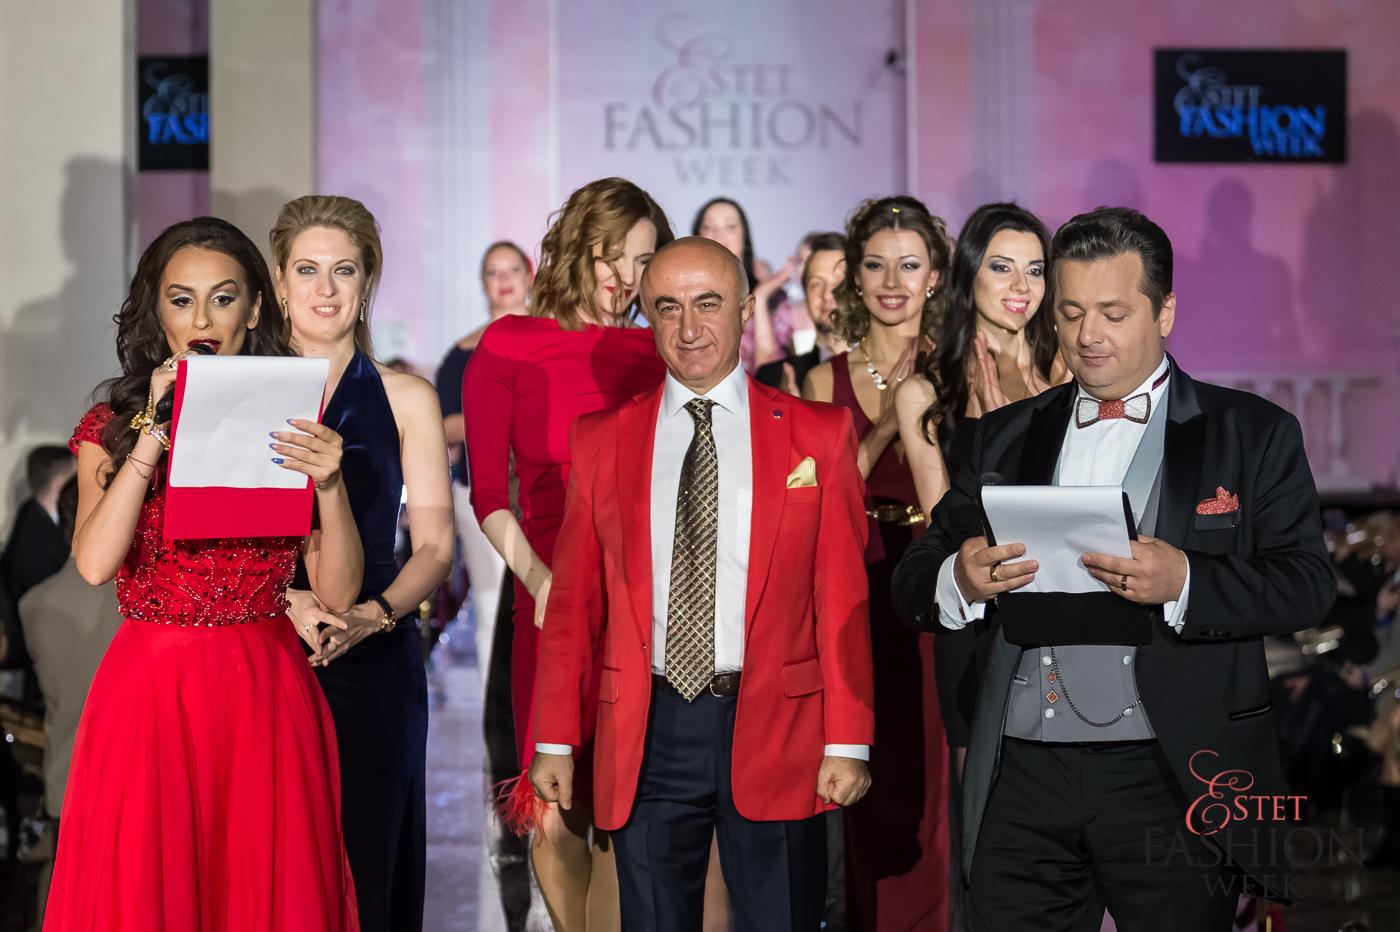 Идея проведения недели моды Estet Fashion Week принадлежит основателю  Ювелирного дома «Эстет» Гагику Геворкяну. Он рассказывает гостям и  журналистам, ... ae2e37fe99c